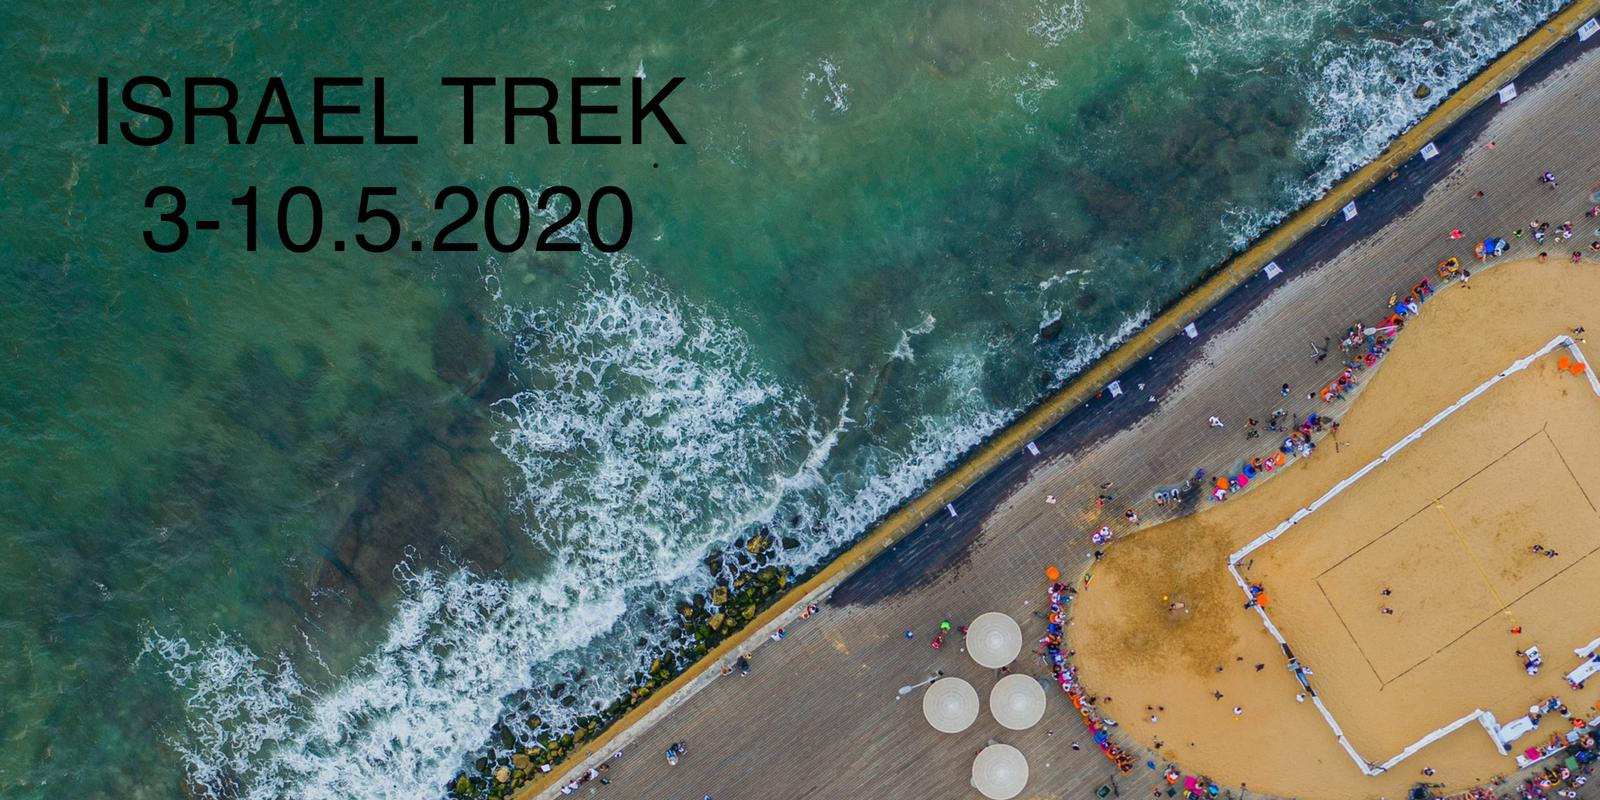 Israel Trek - Ticket Sales